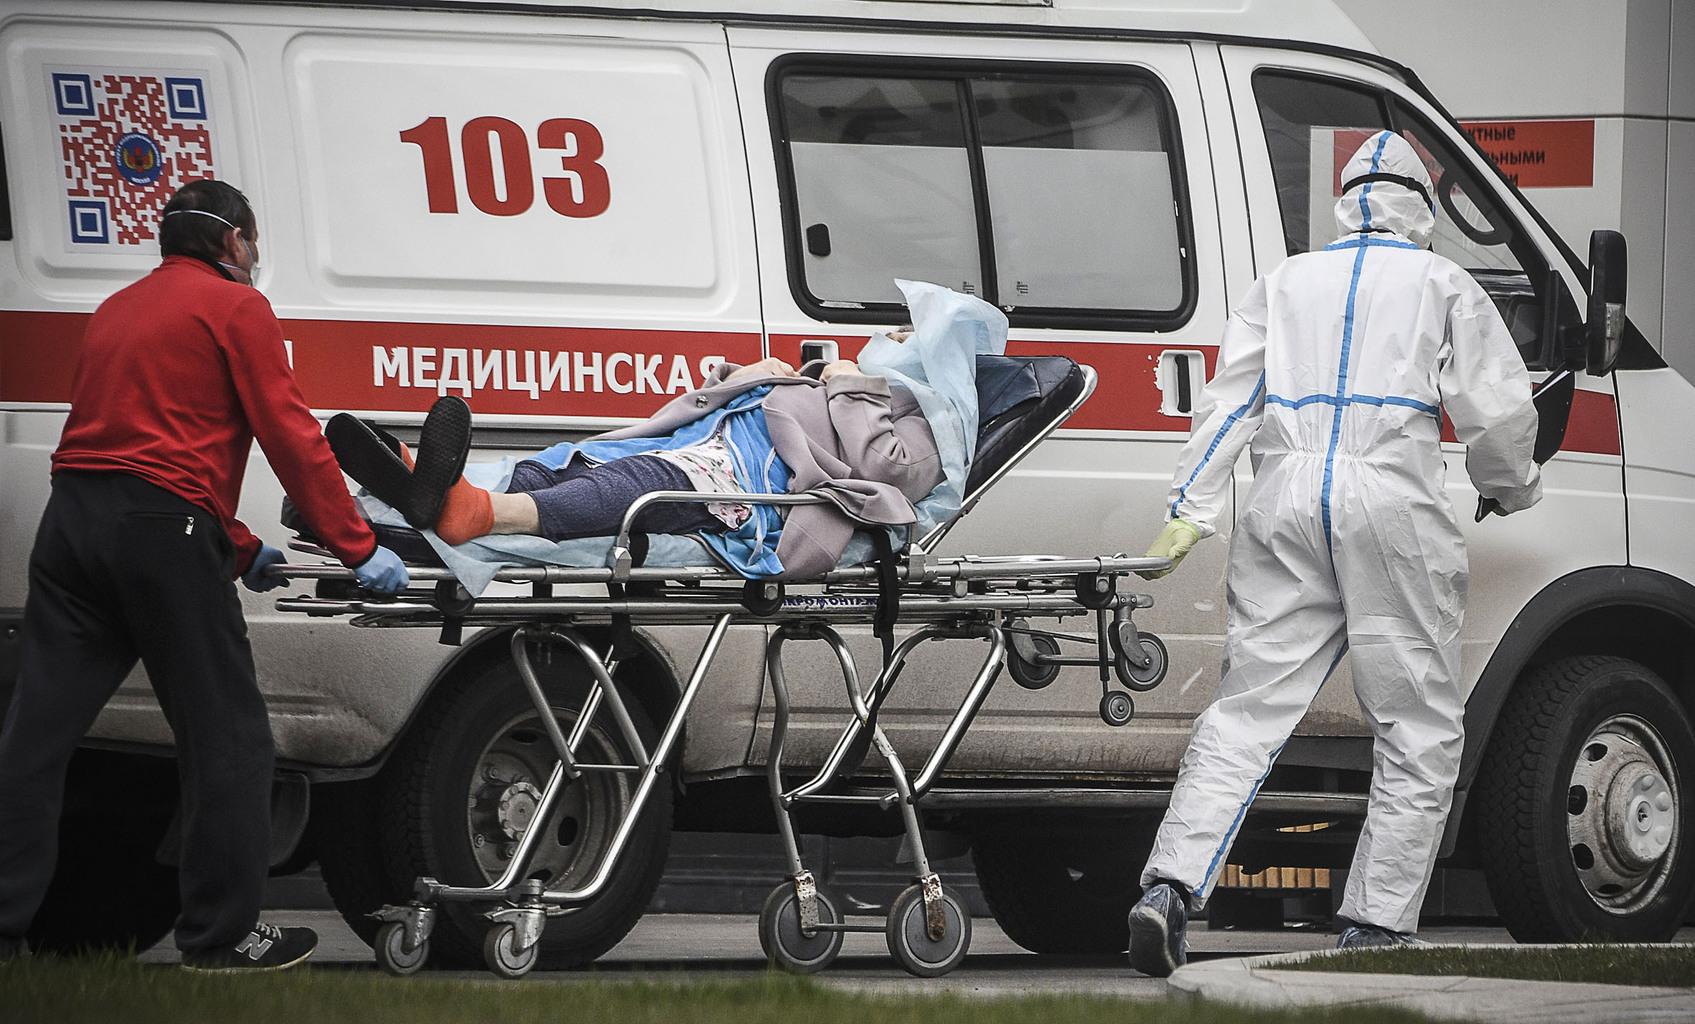 Koronavírusos beteget szállítanak kórházba Moszkvában 2020. április 27-én a mentők #moszkvater